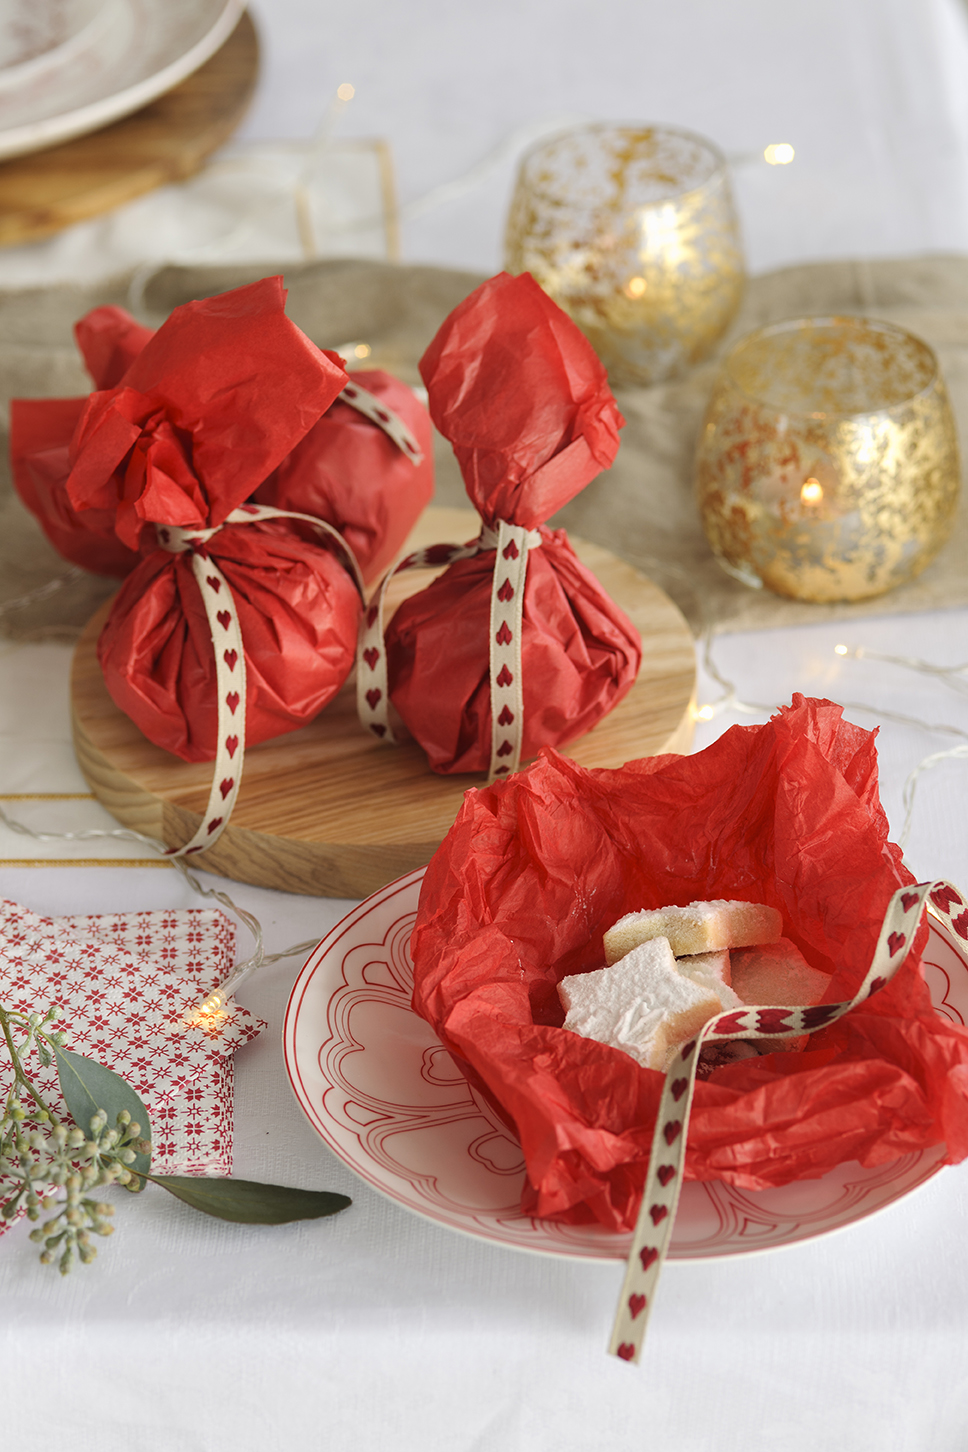 00444903 O. Dulces envueltos con papel rojo y lazos de corazones_00444903 O